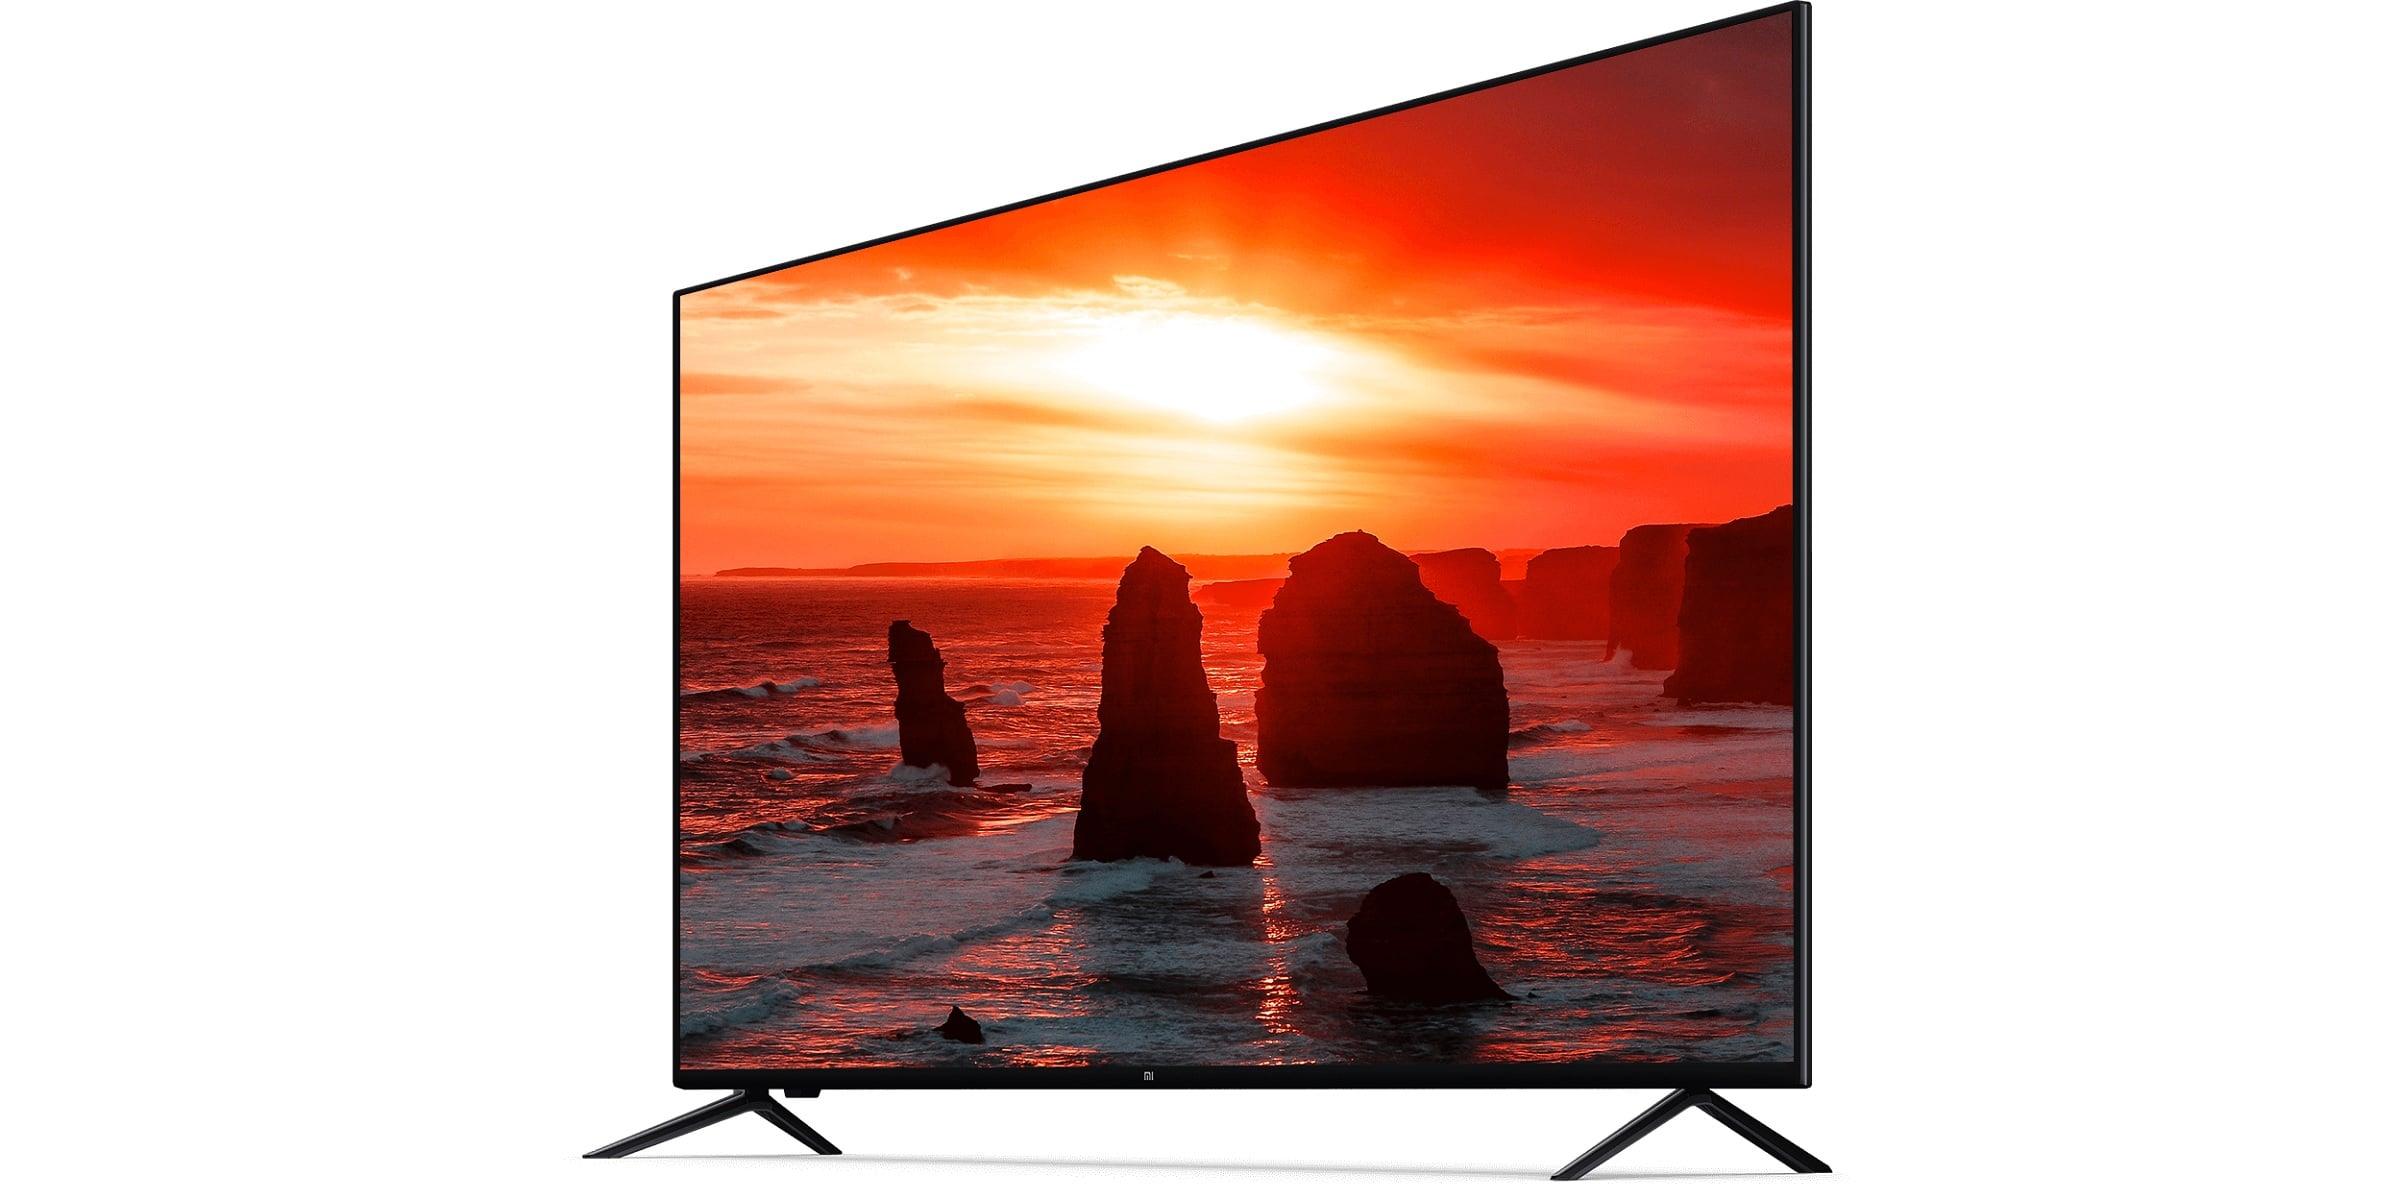 """Mi TV 4C 50"""" to nowy telewizor Xiaomi z 50"""" ekranem 4K HDR w cenie smartfona z niższej średniej półki 21"""